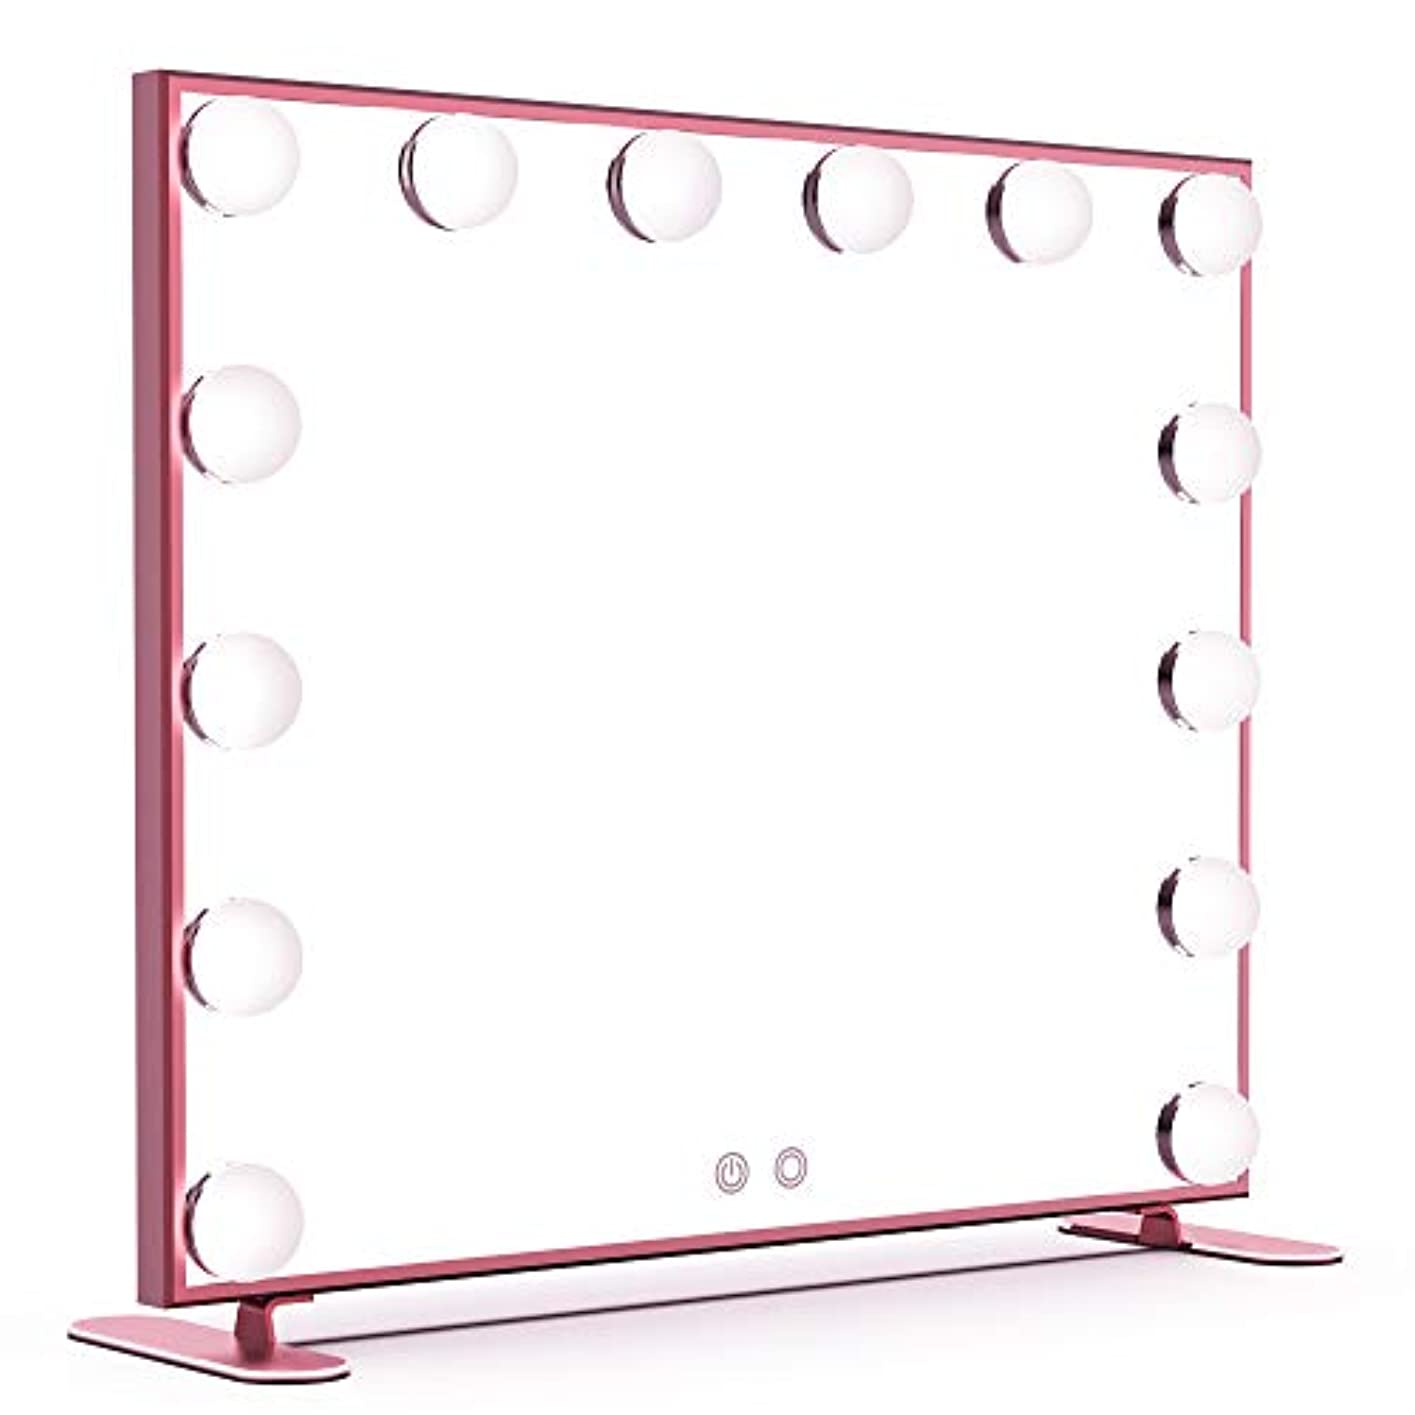 広々とした生反響するBEAUTME 女優ミラー ハリウッドスタイル 化粧鏡 14個LED電球付 女優ライト 暖色?寒色 2色ライトモード 明るさ調整可能 卓上 ドレッサー/化粧台適用(ピンク)